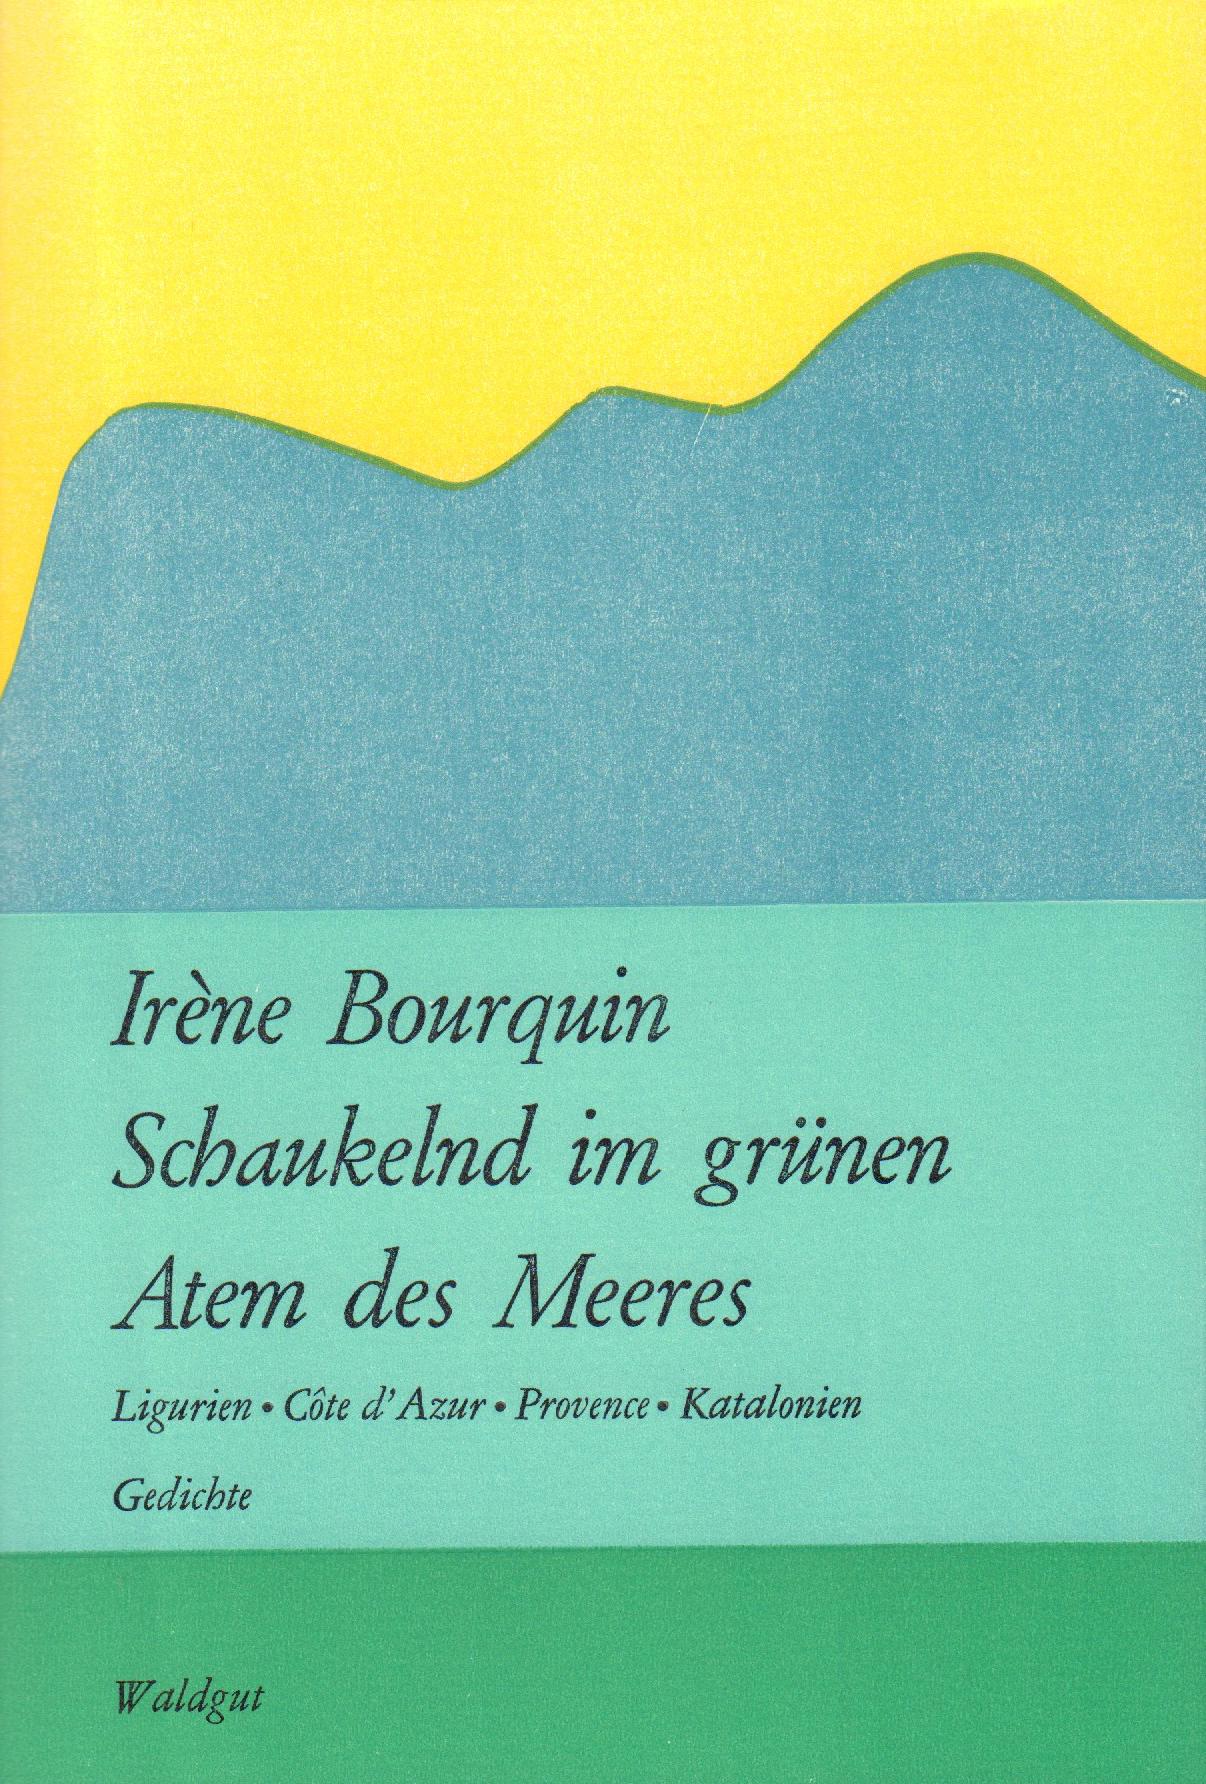 Irène Bourquin, Schaukelnd im grünen Atem des Meeres, Gedichte